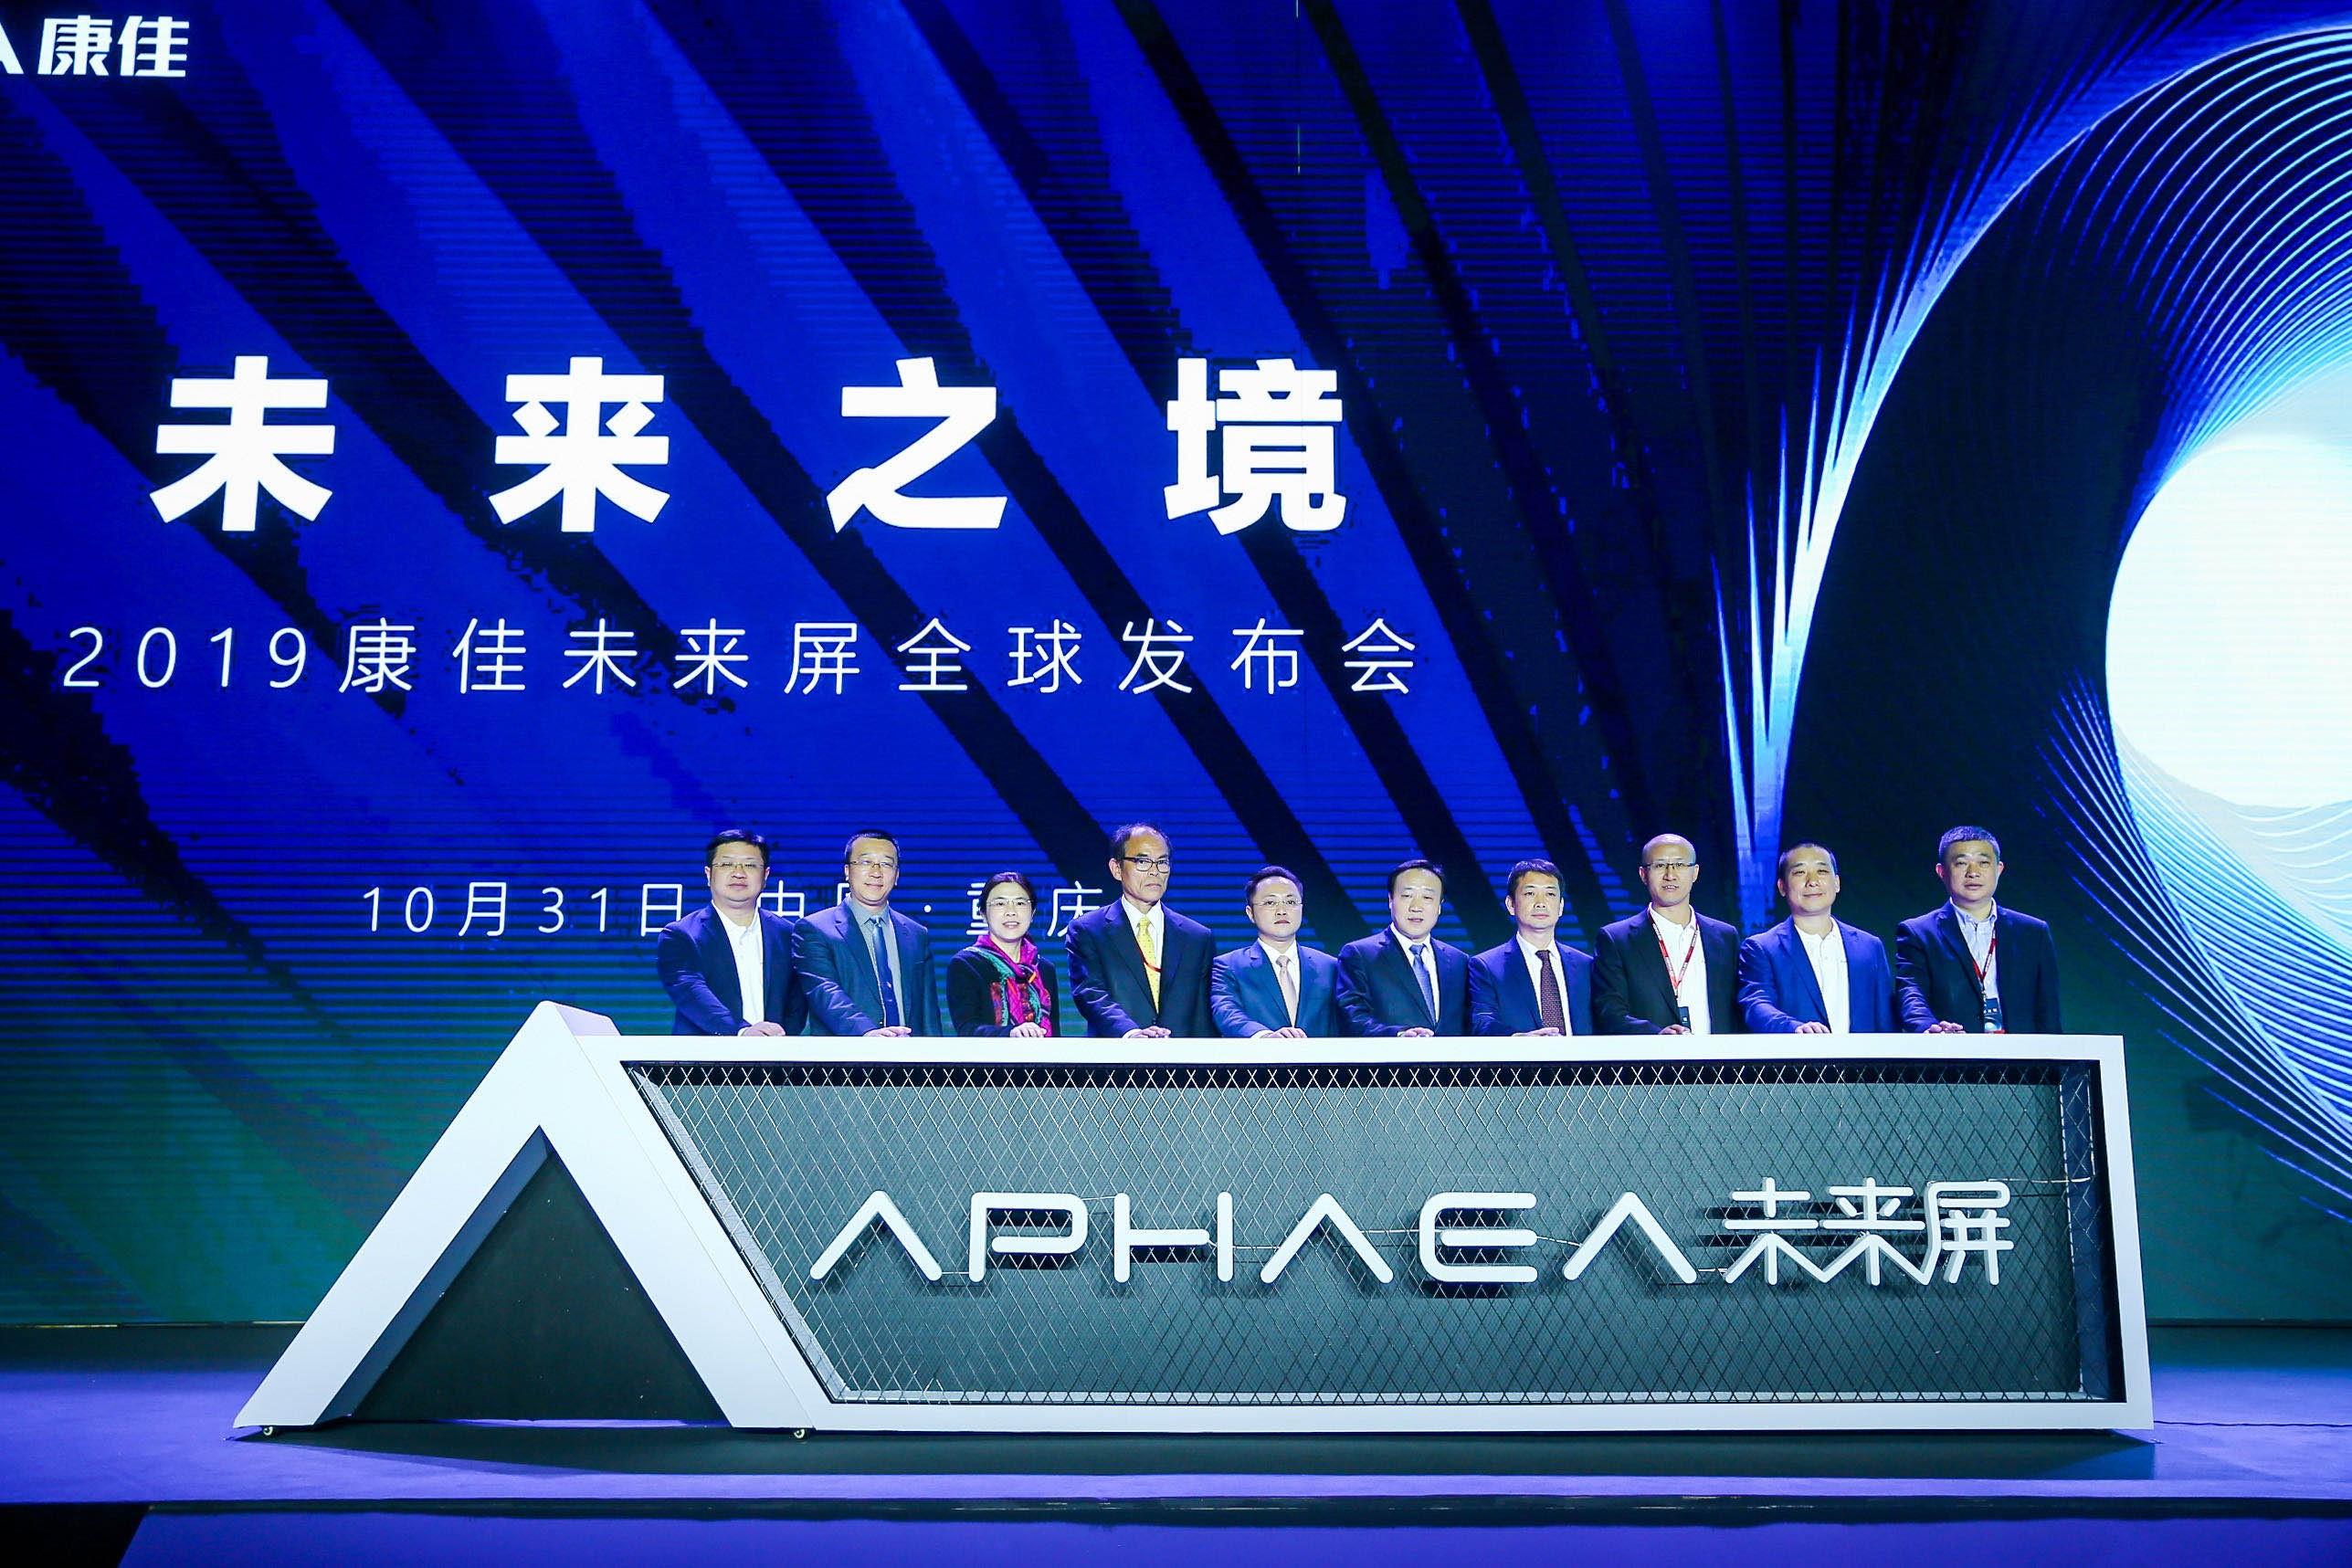 康佳发布APHAEA未来屏 进一步延伸应用场景